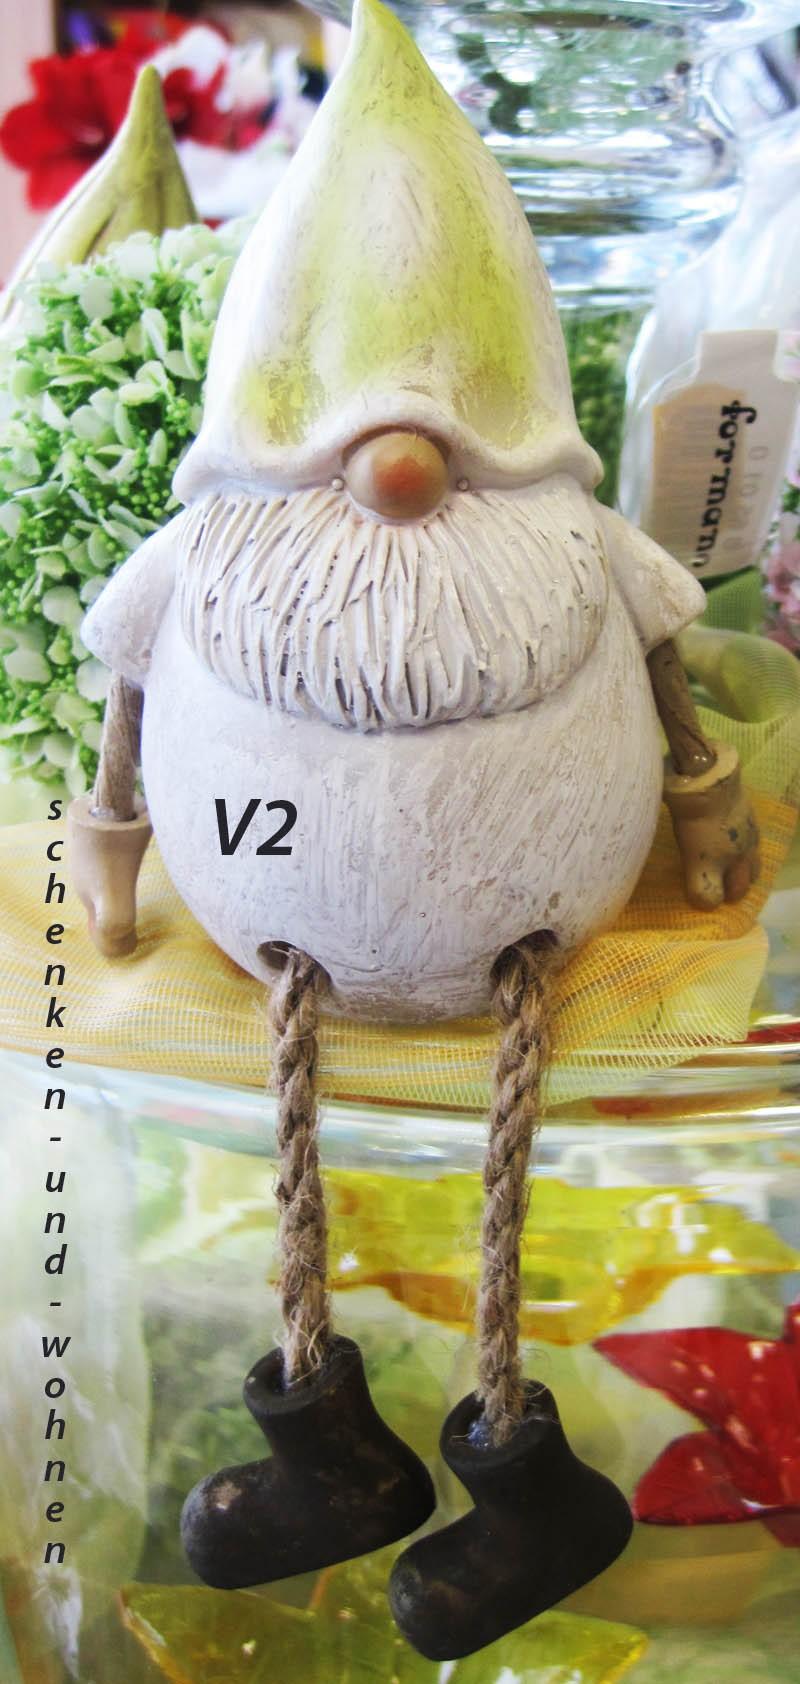 Deko - Zwerg - Kantensitzer mit runden Bart , V2 ca. 18 cm